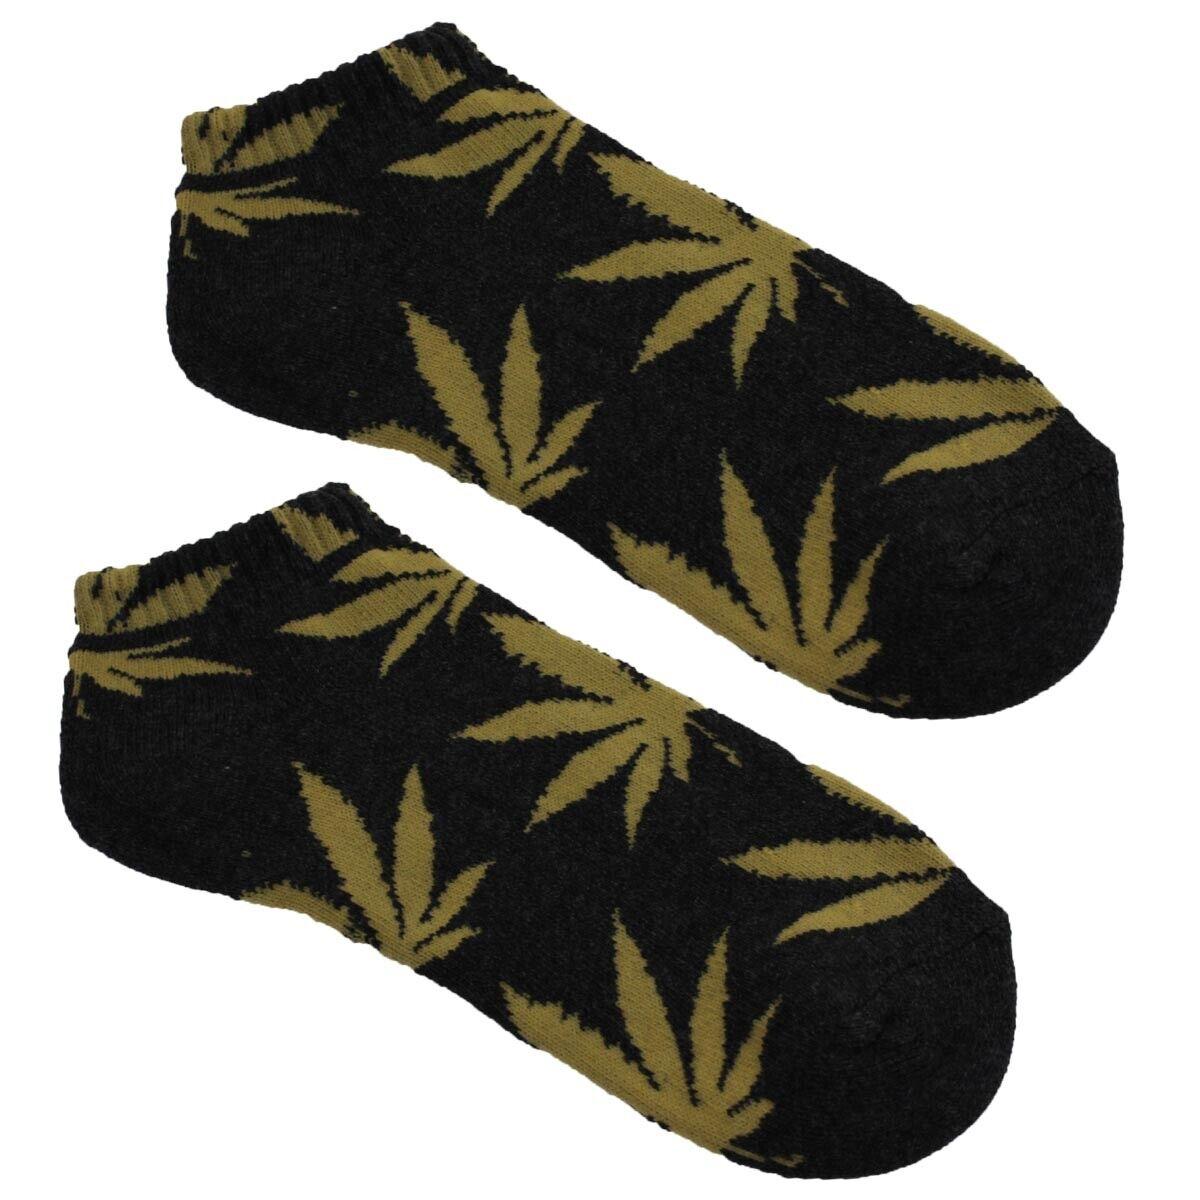 Sneaker Socken Halbsocken Plantlife Hanf Socken Cannabis Weed Unisex *Farbwahl